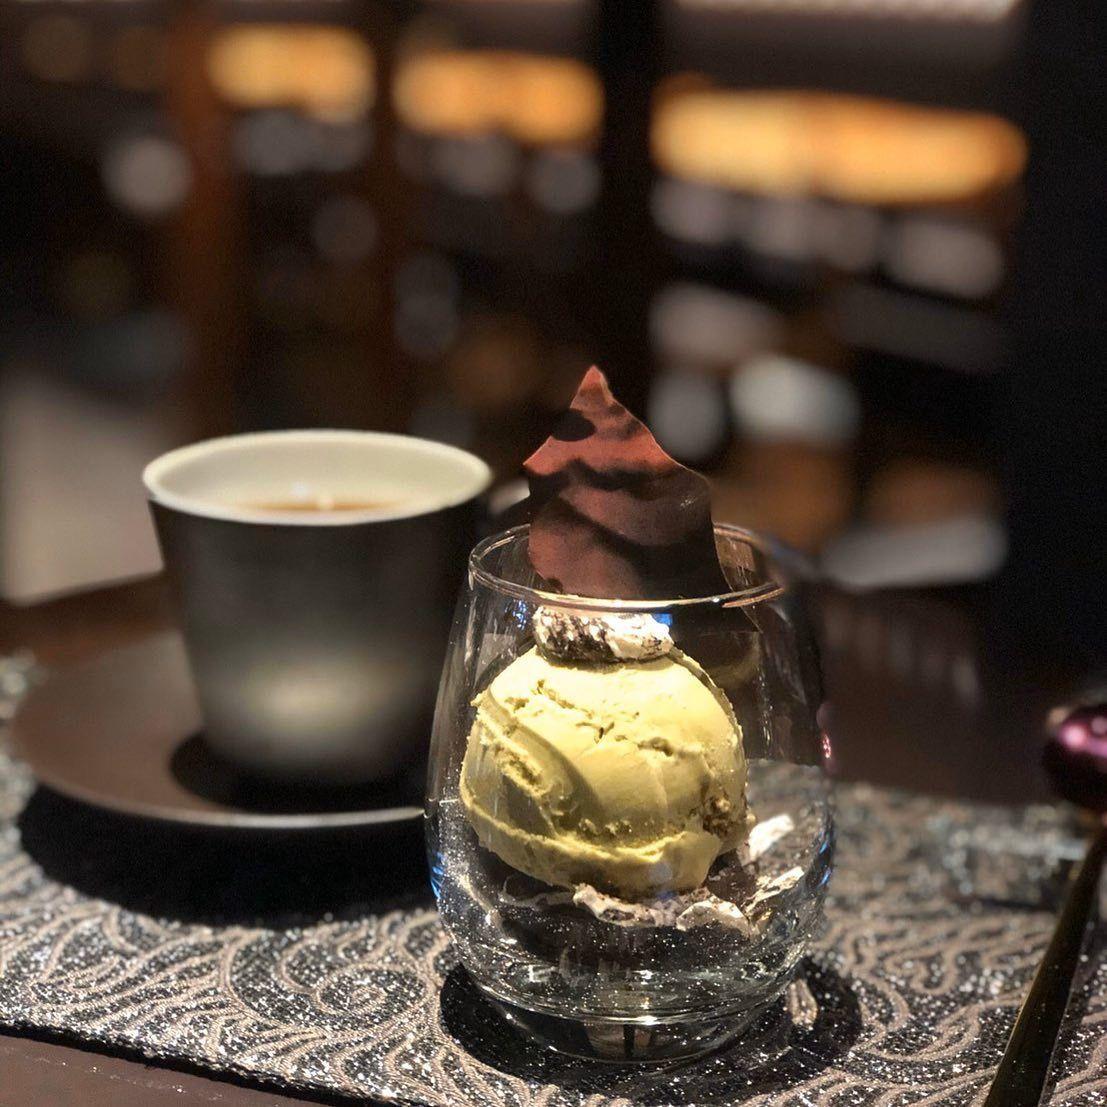 ピスタチオとショコラ Jotaro Cafe デザート ピスタチオ ショコラ